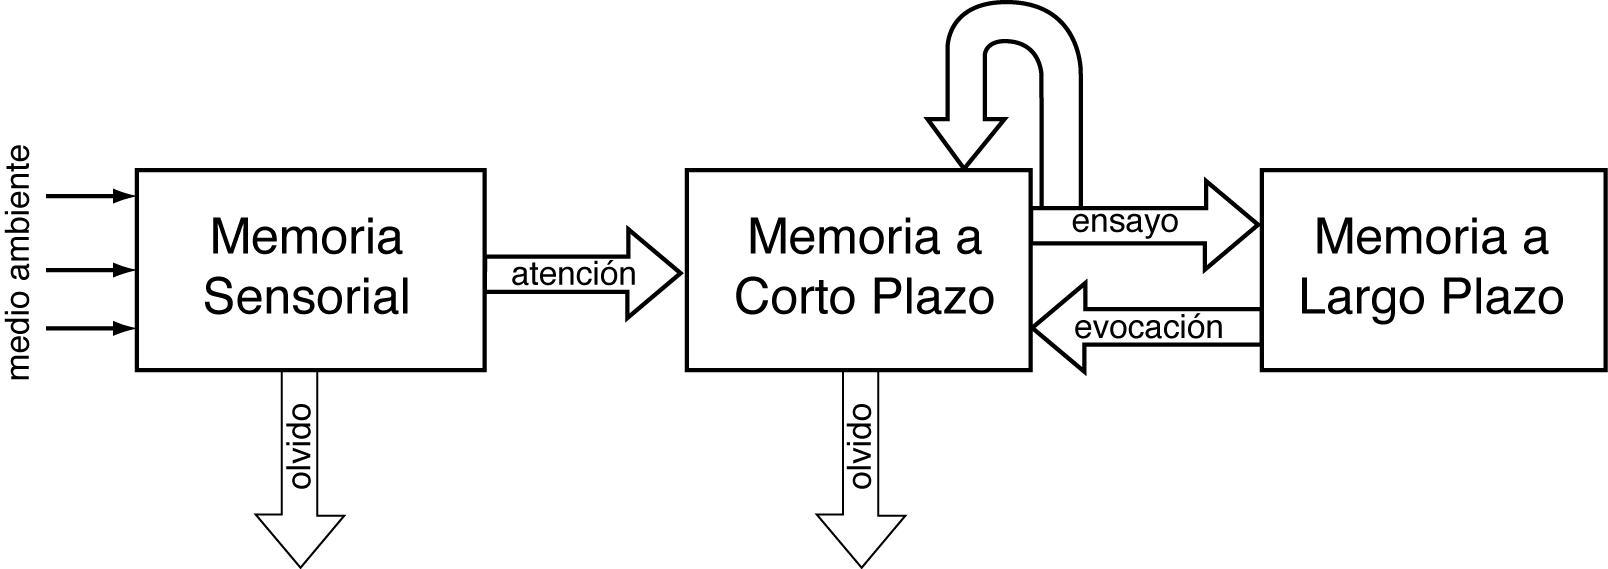 Neuropsicologia e modelos psicológicos nas dificuldades de aprendizagem 10